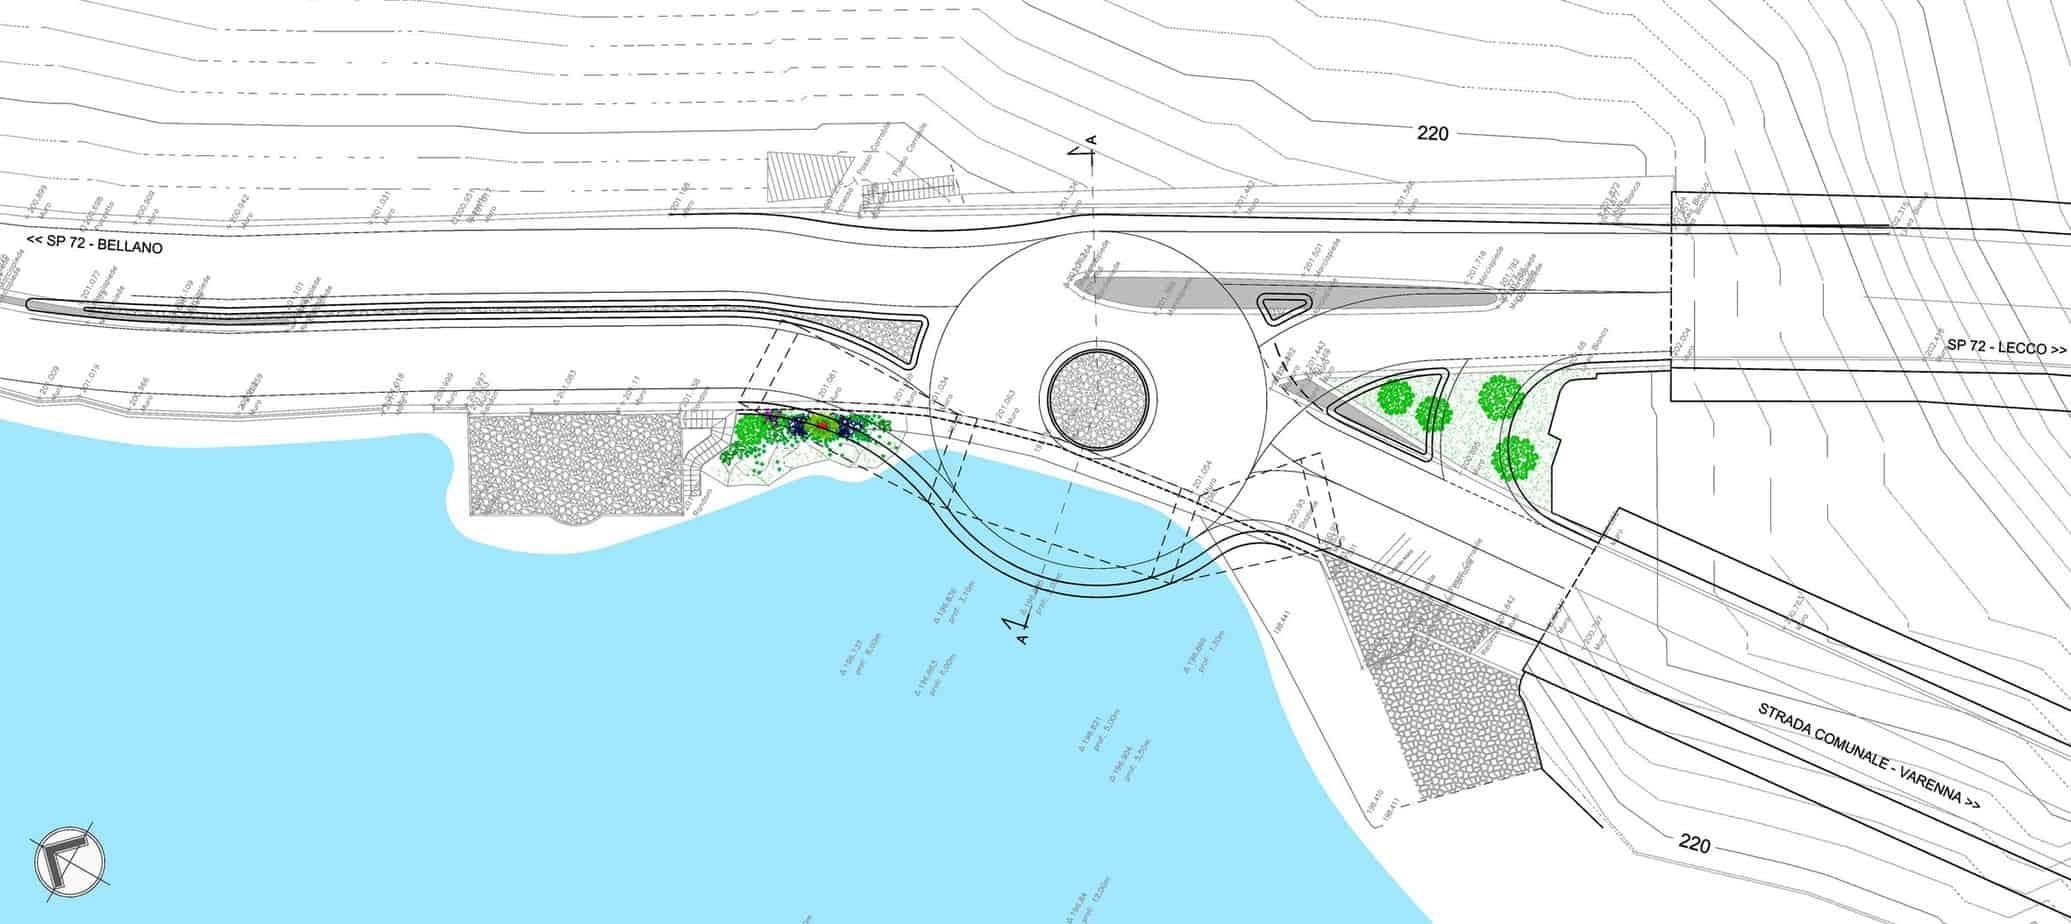 La planimetria del progetto della piccola rotatoria a precedenza interna realizzata a sbalzo sul lago